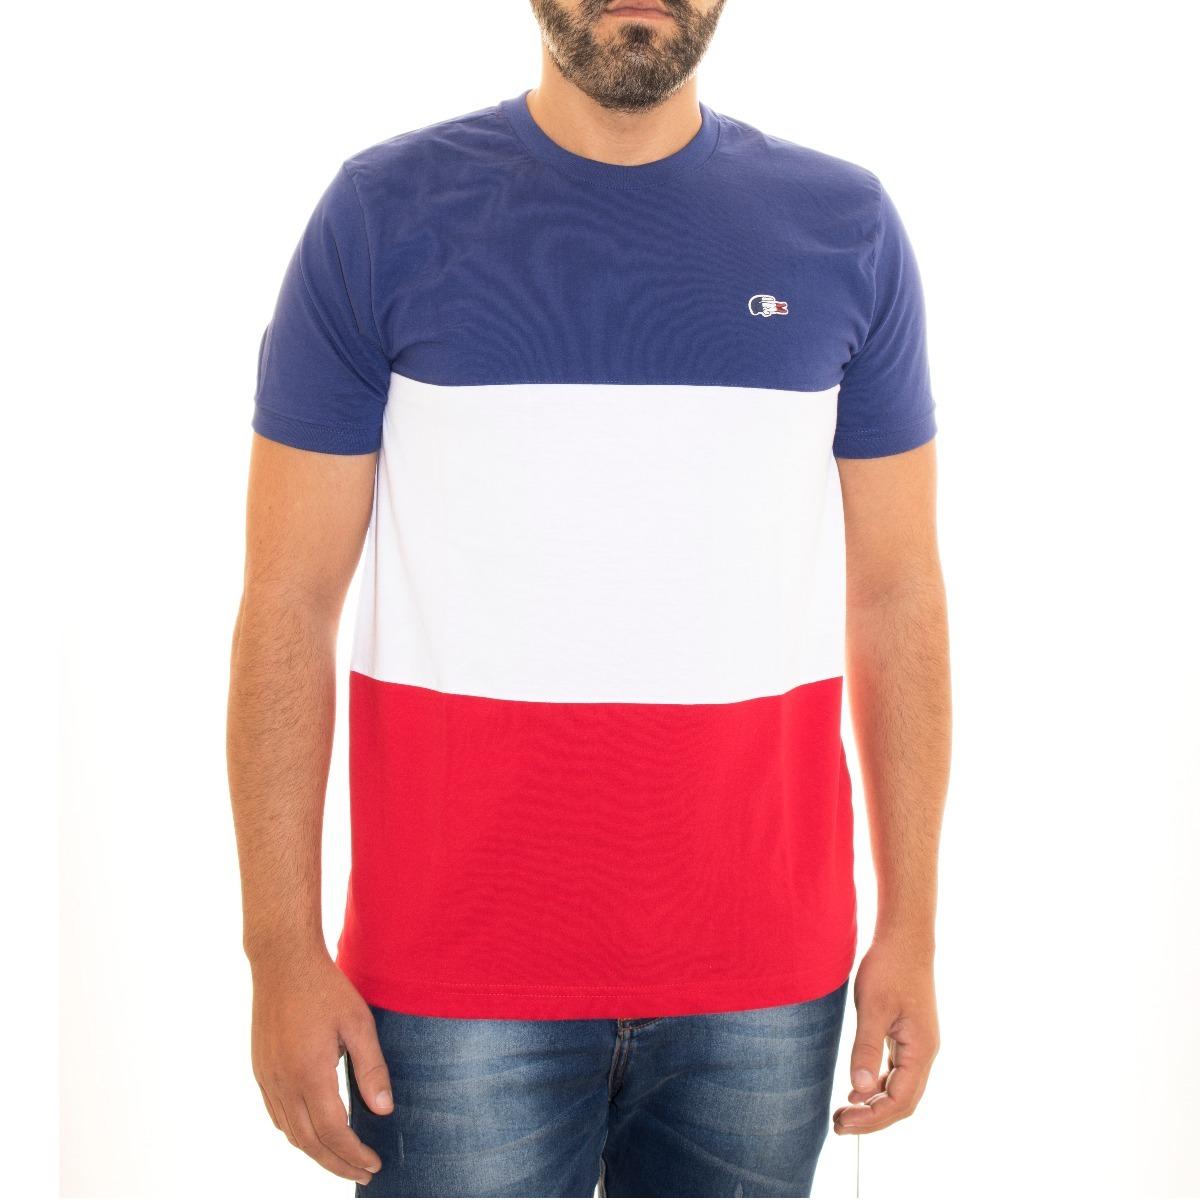 53ba9bbadf4 camisa camiseta lacoste masculina tricolor frança original. Carregando zoom.